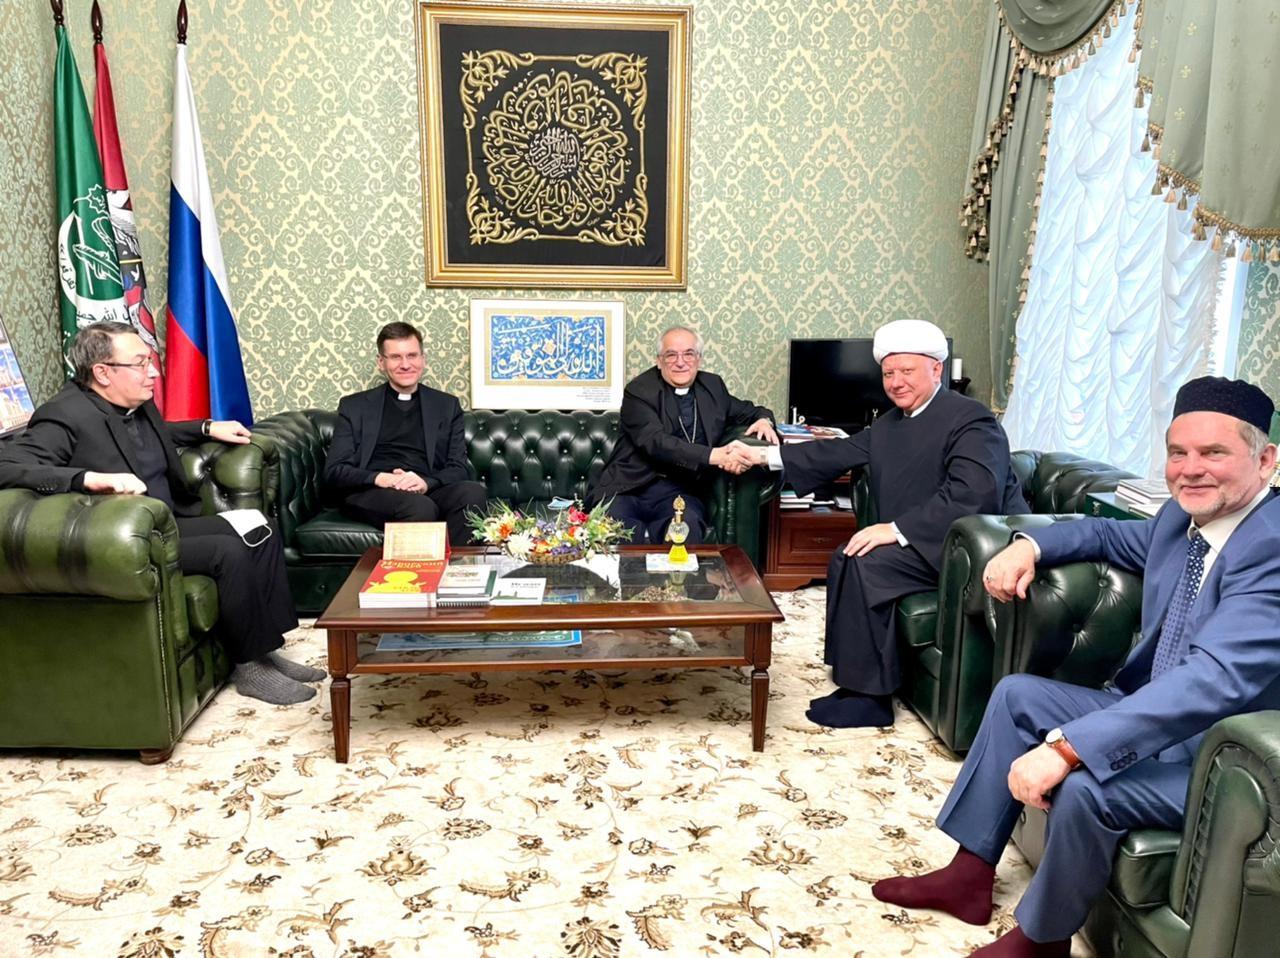 Встреча муфтия Крганова и нунция Джованни д'Аниелло